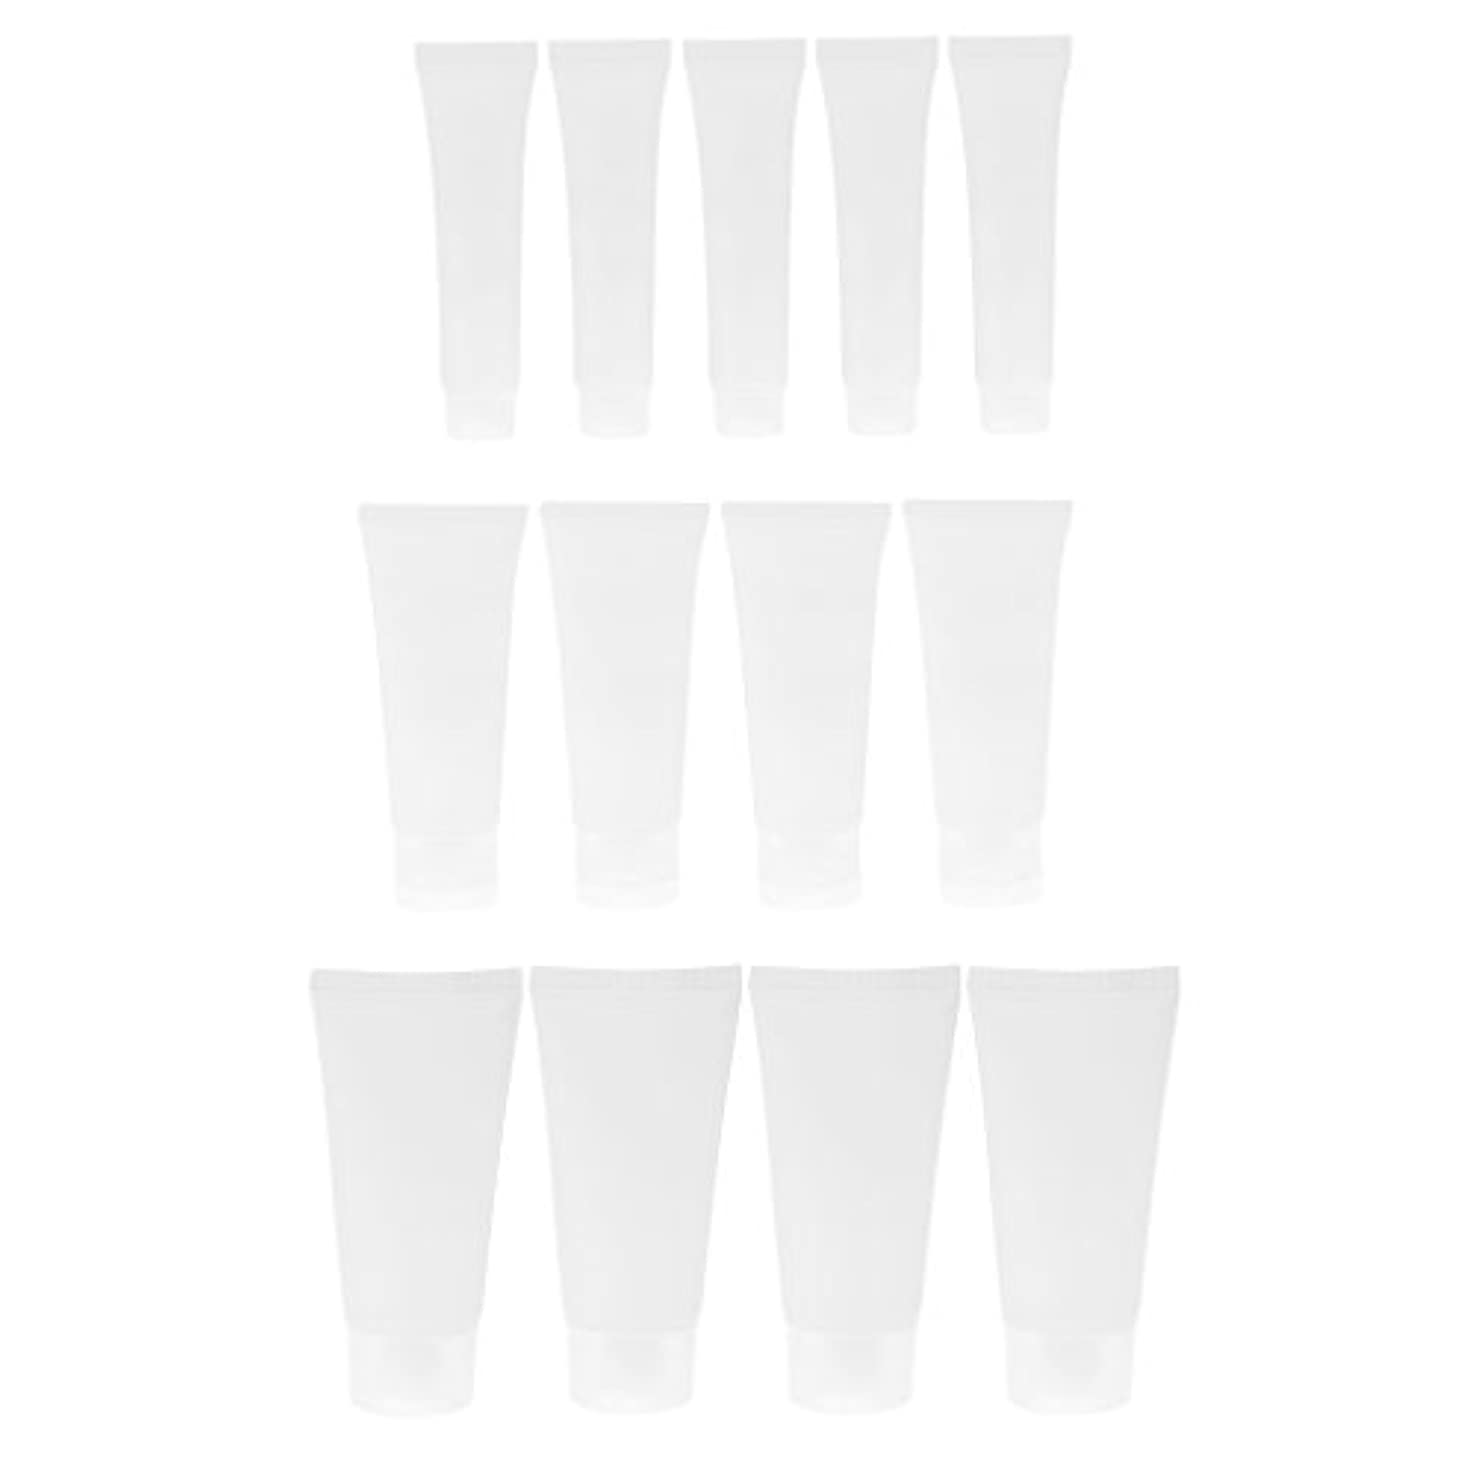 宿泊分析的苛性15個セット 15ml / 50ml / 30ml 空チューブ ハンドクリーム ローション ボトル 軽量